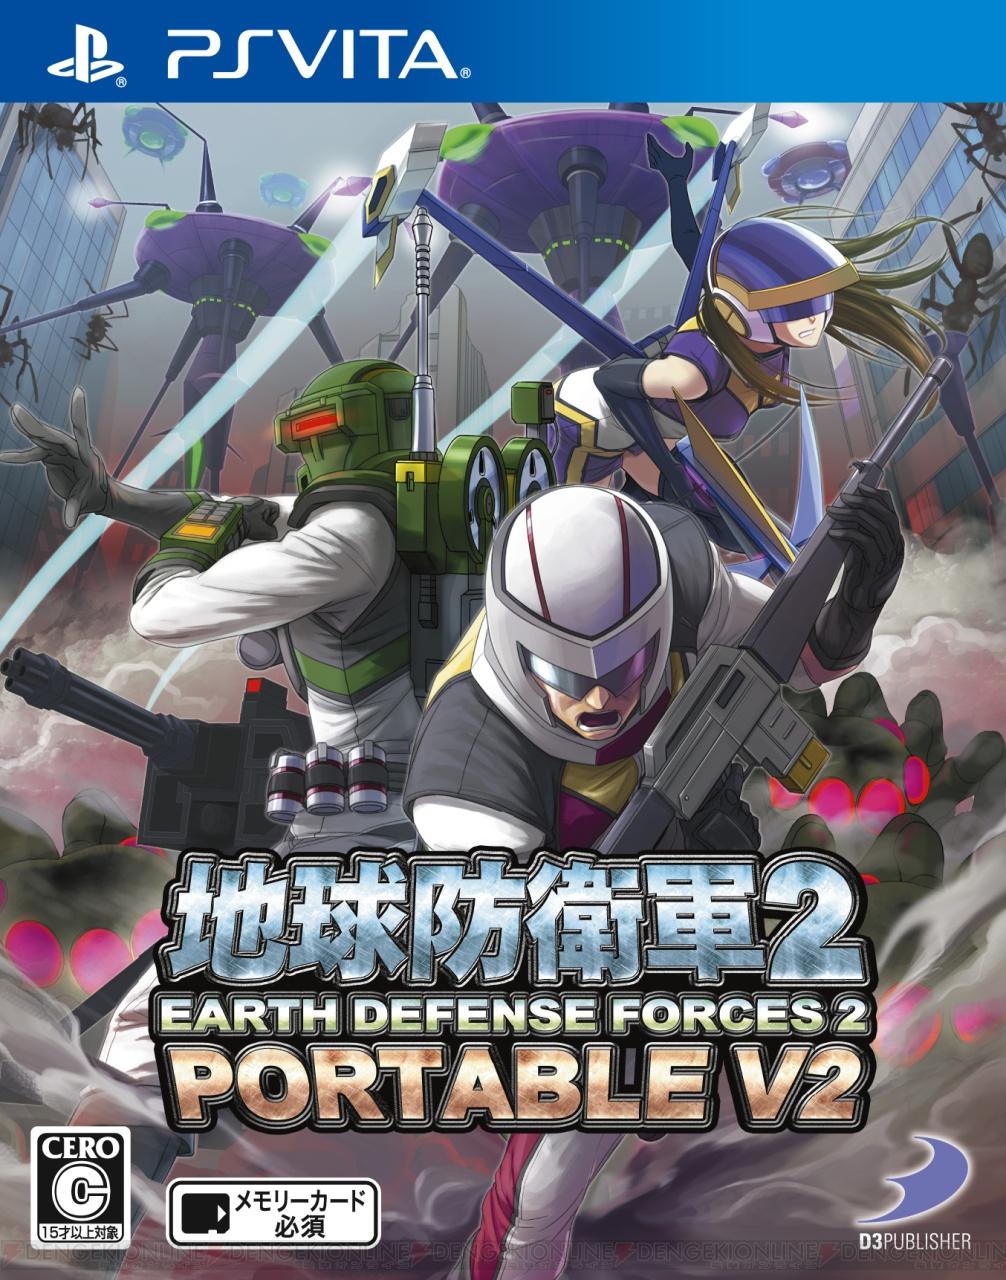 地球 防衛 軍 2 portable チート